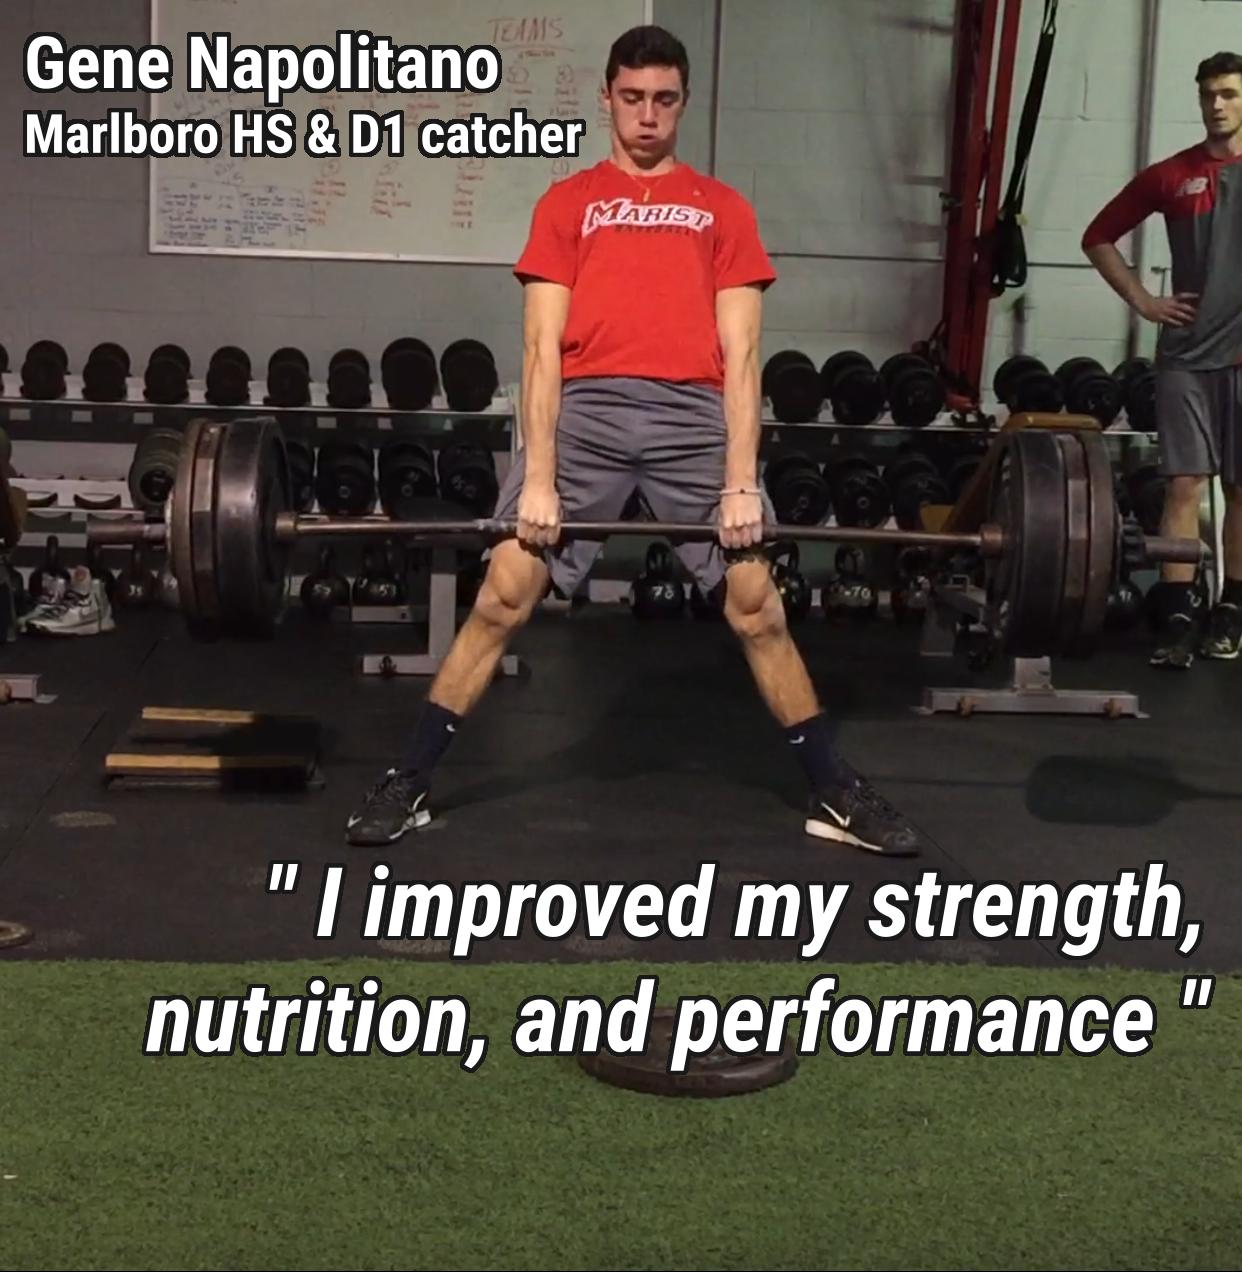 Gene Napolitano Testimonial